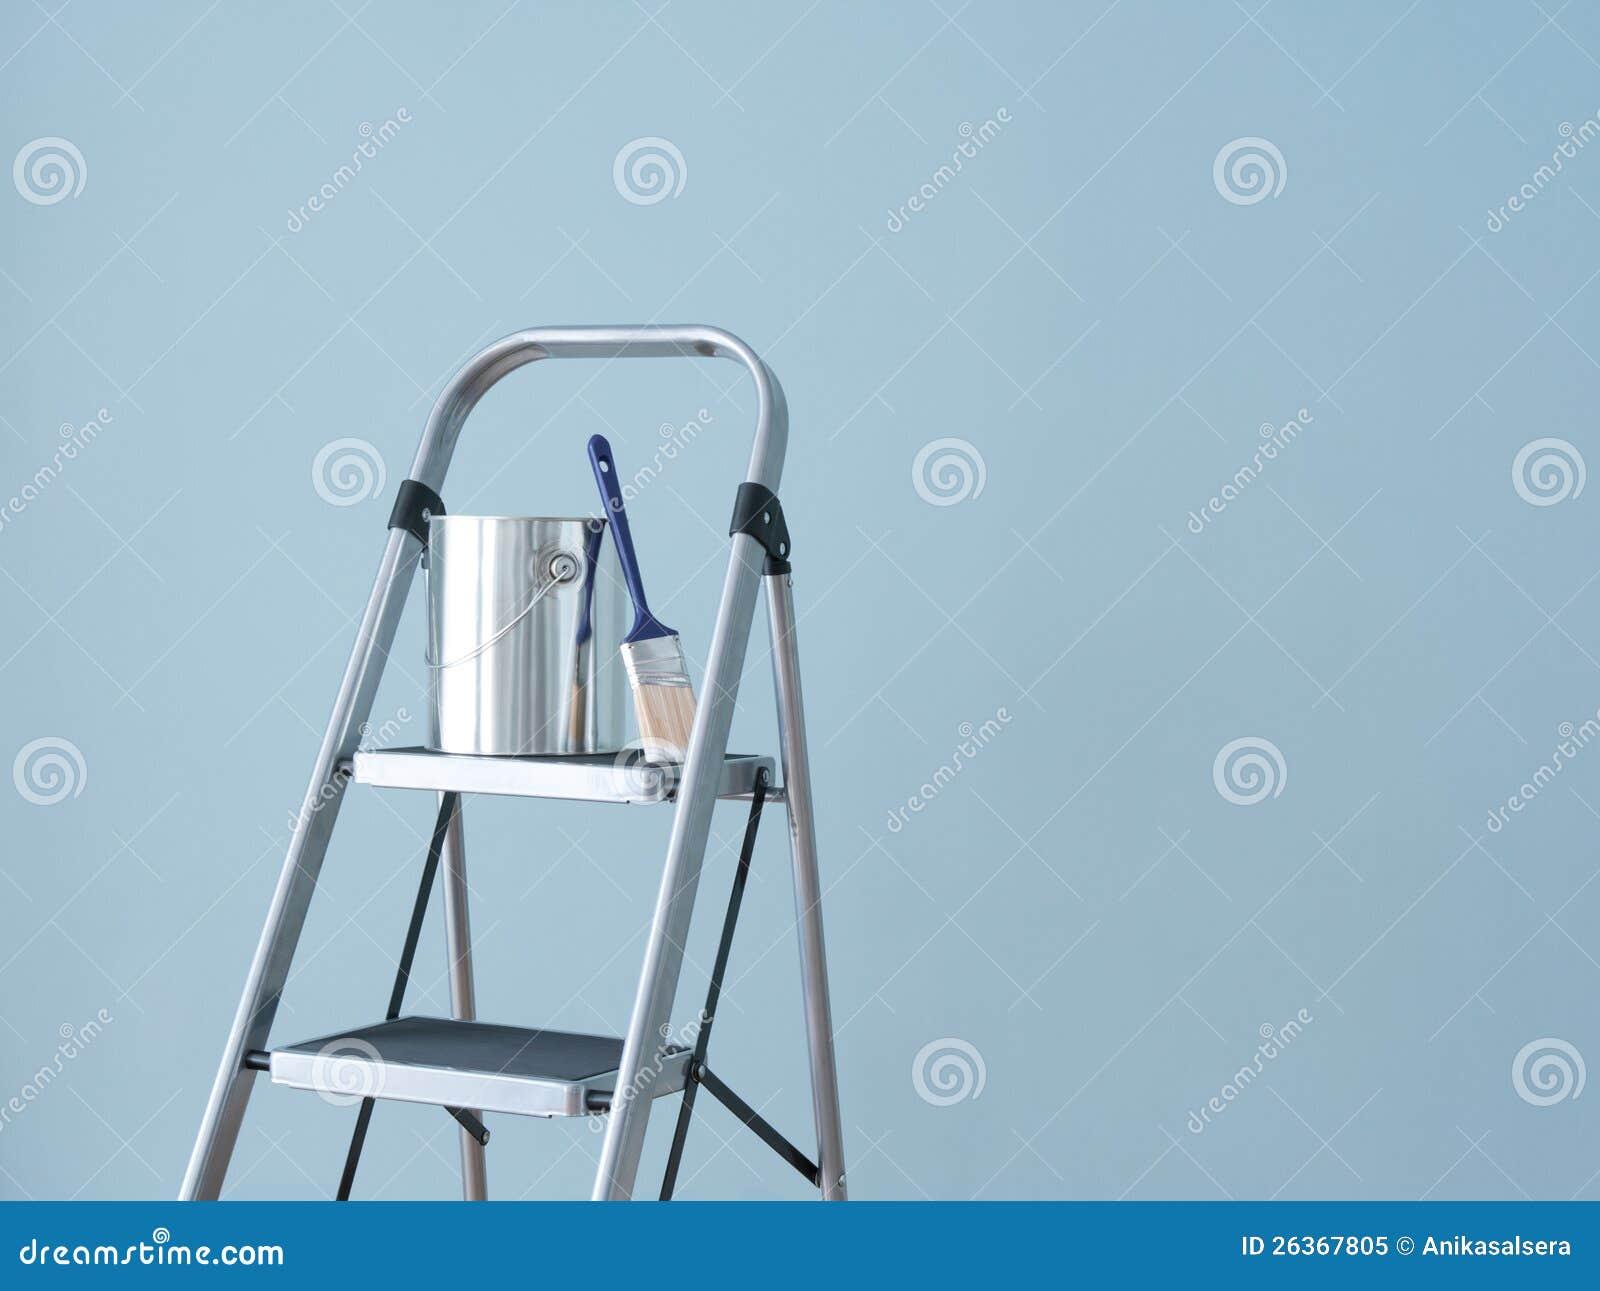 De verbetering van het huis. Het voorbereidingen treffen om de muur te schilderen.